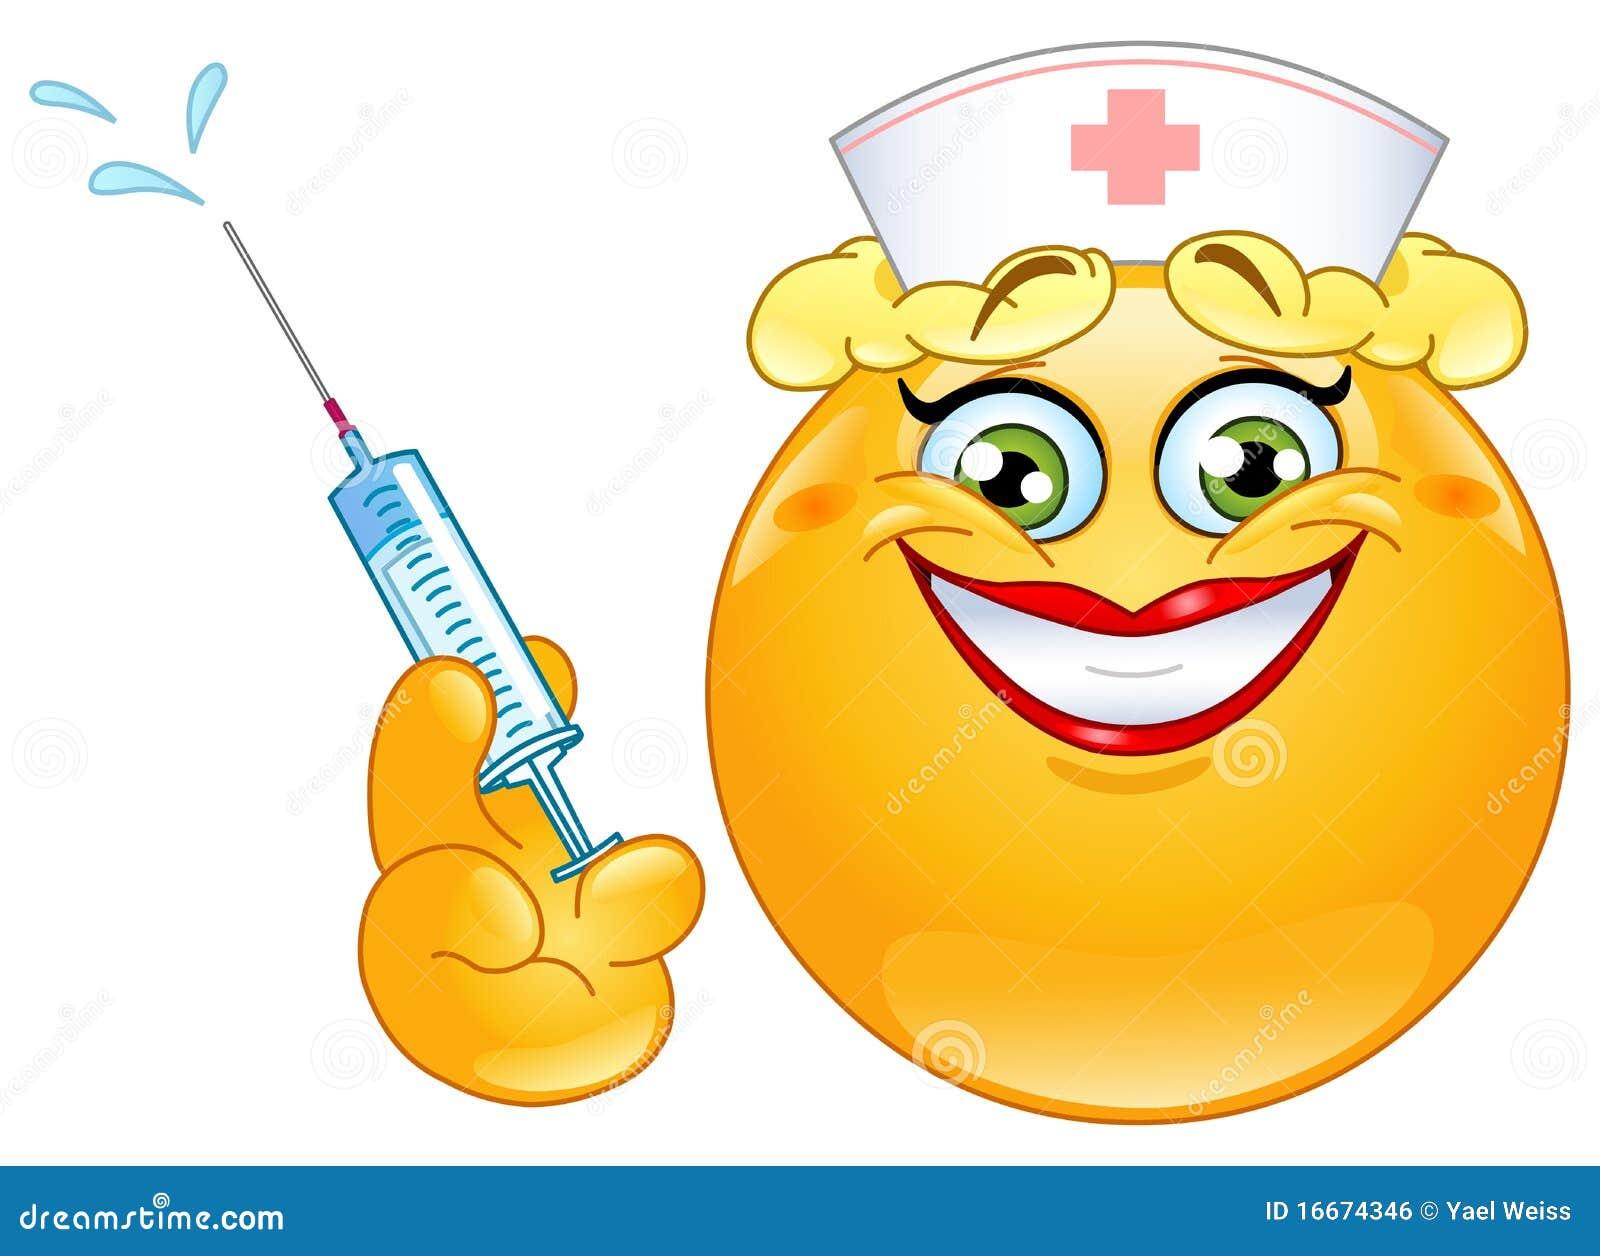 Krankenschwester Emoticon